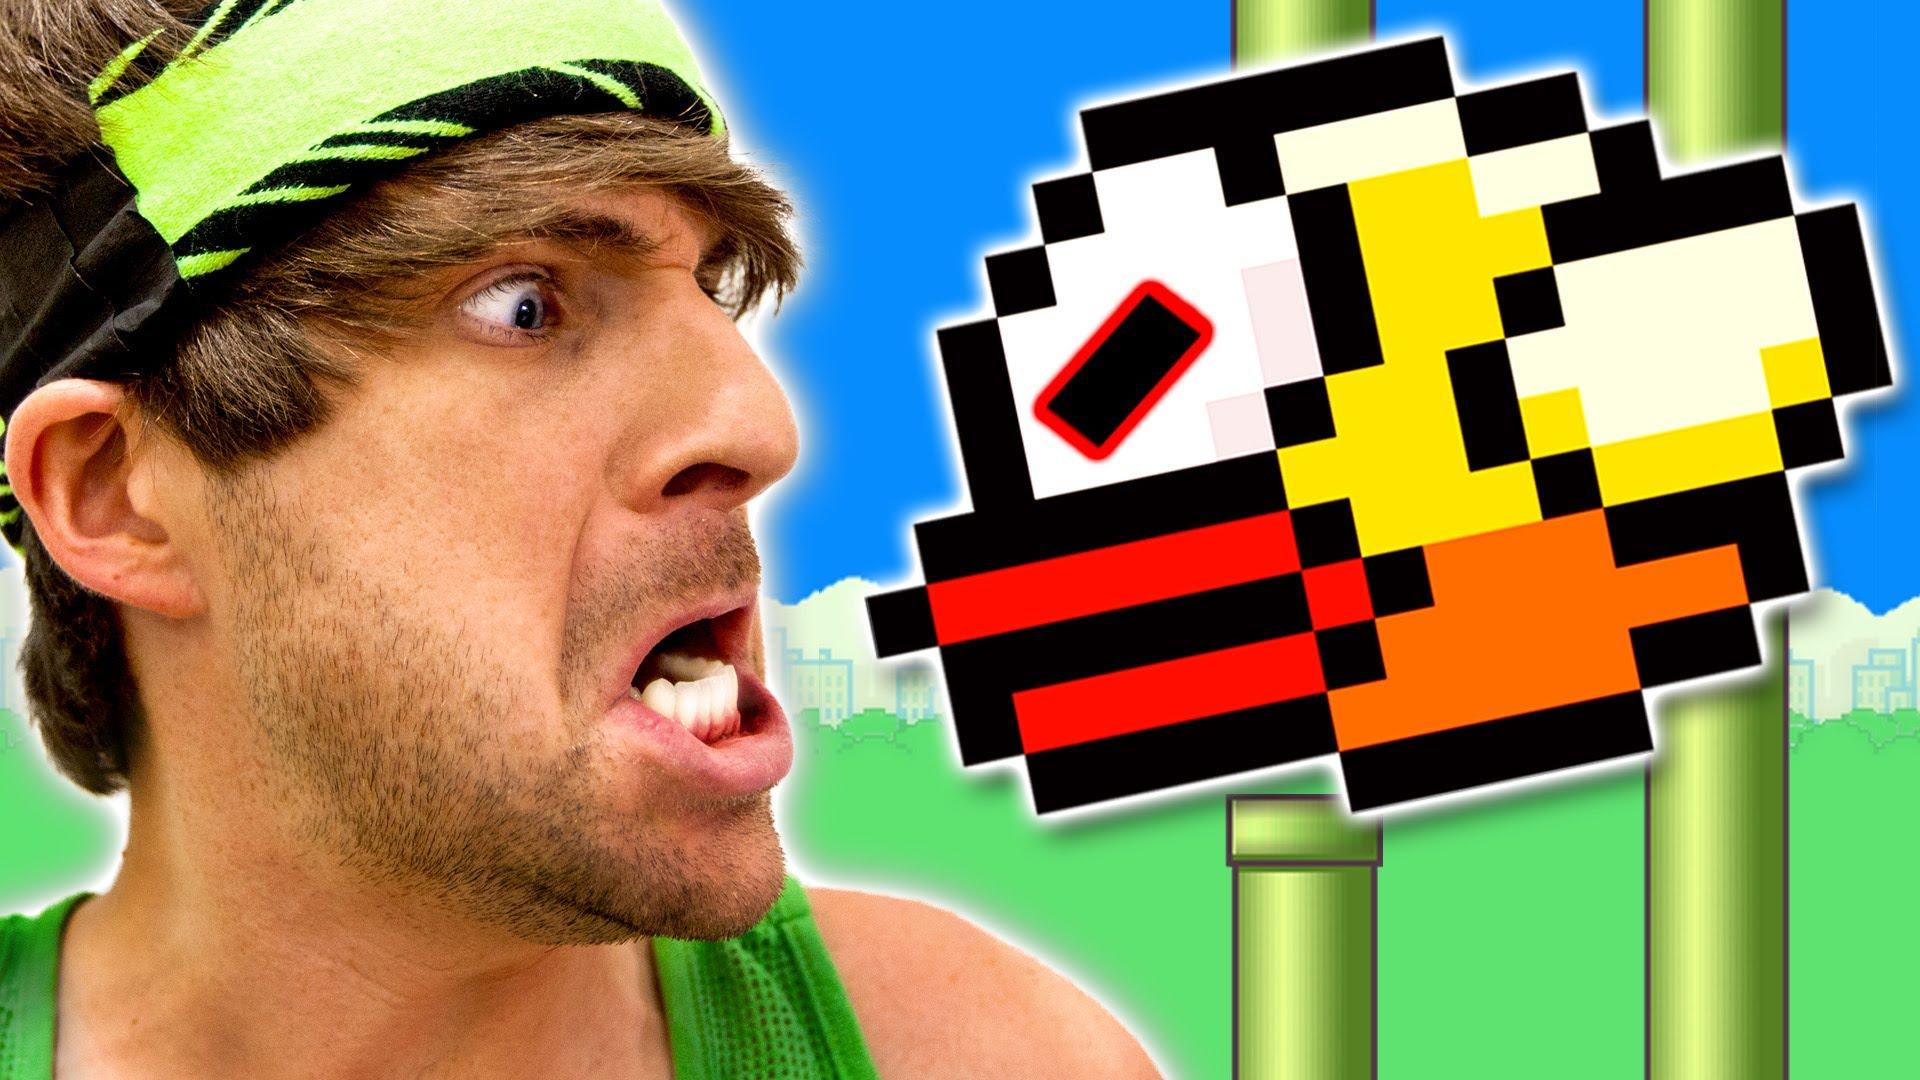 Flappy Bird Ruined My Life Smosh Wiki FANDOM Powered By Wikia - Flappy bird in real life